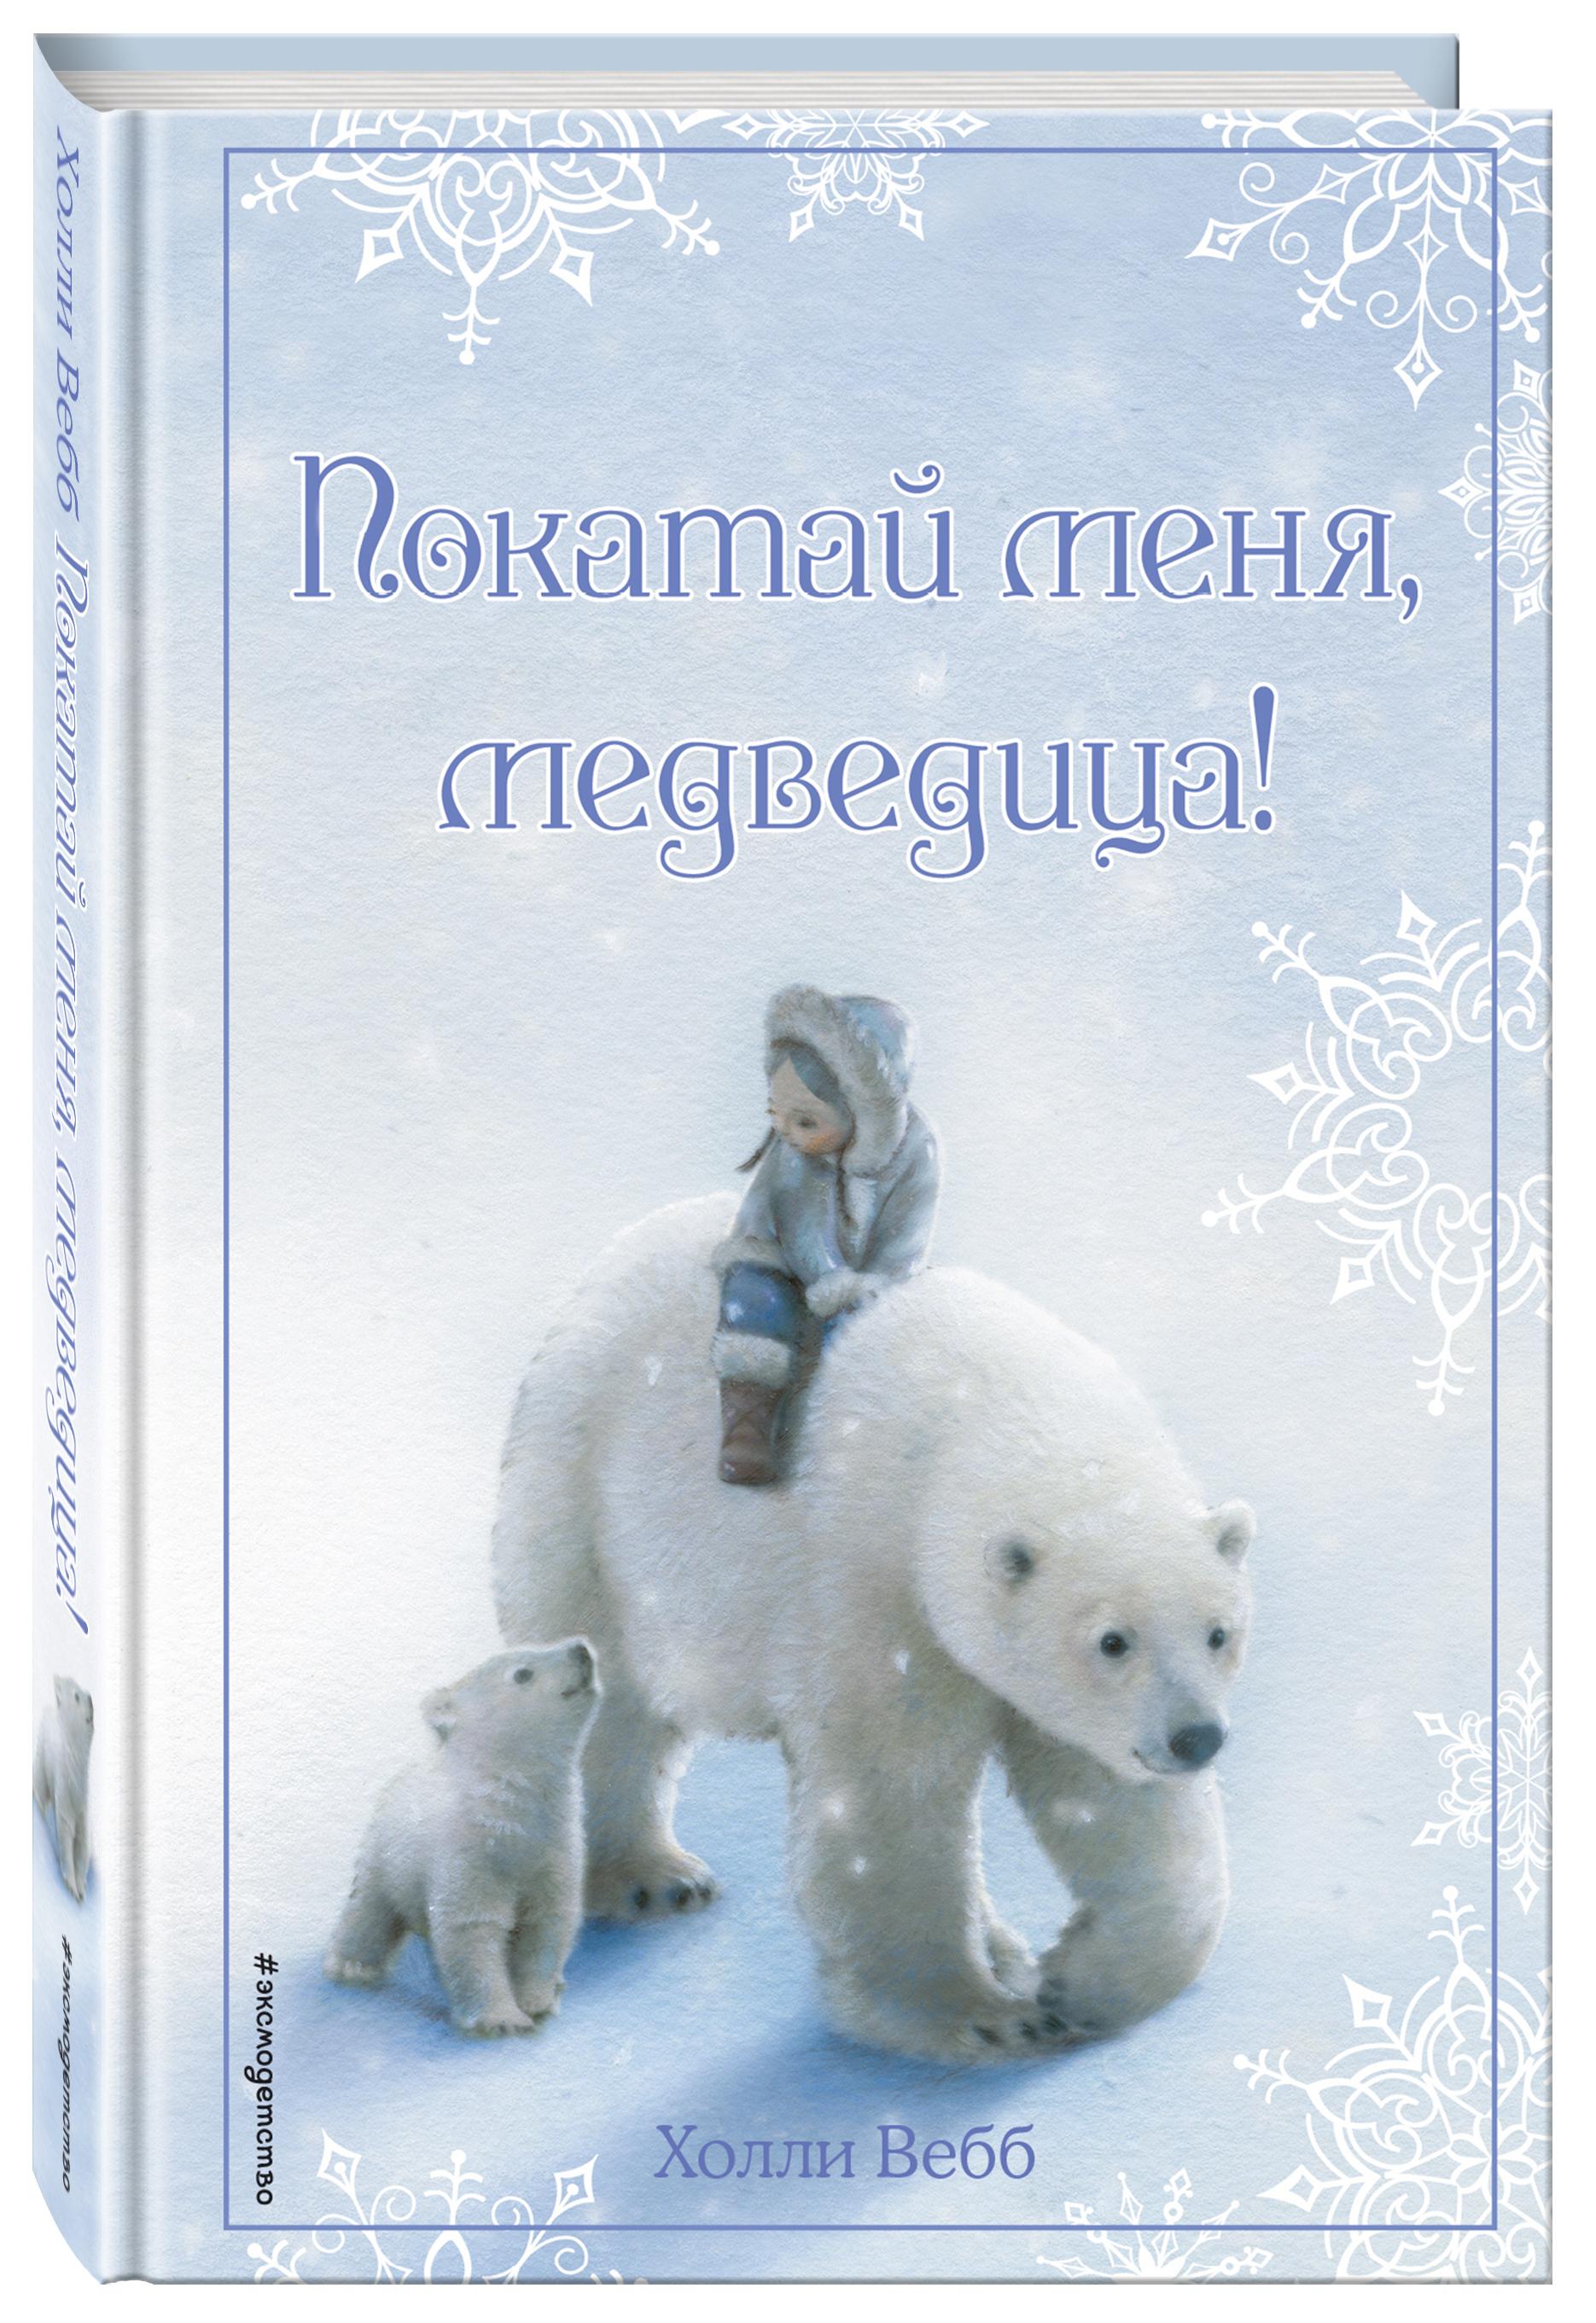 Вебб Х. Рождественские истории. Покатай меня, медведица! как попросить маму лифчик с чашками